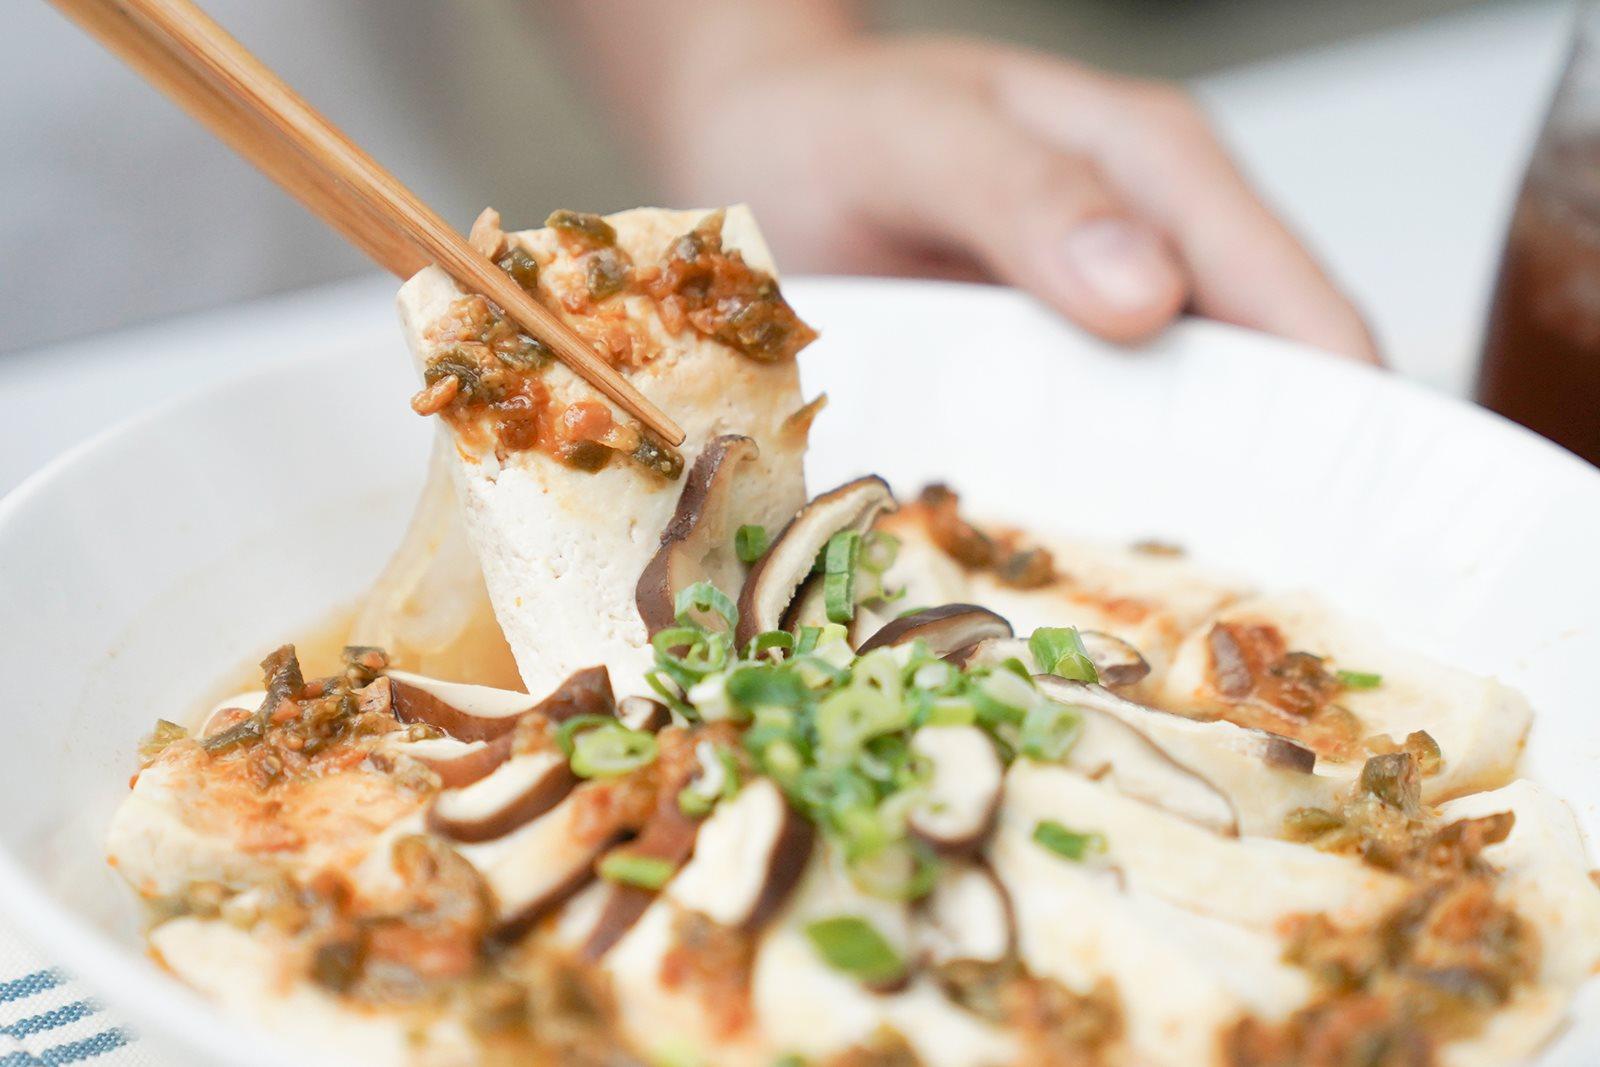 辛味噌香菇蒸豆腐,封存精華的淡雅好滋味|禾乃川小廚房